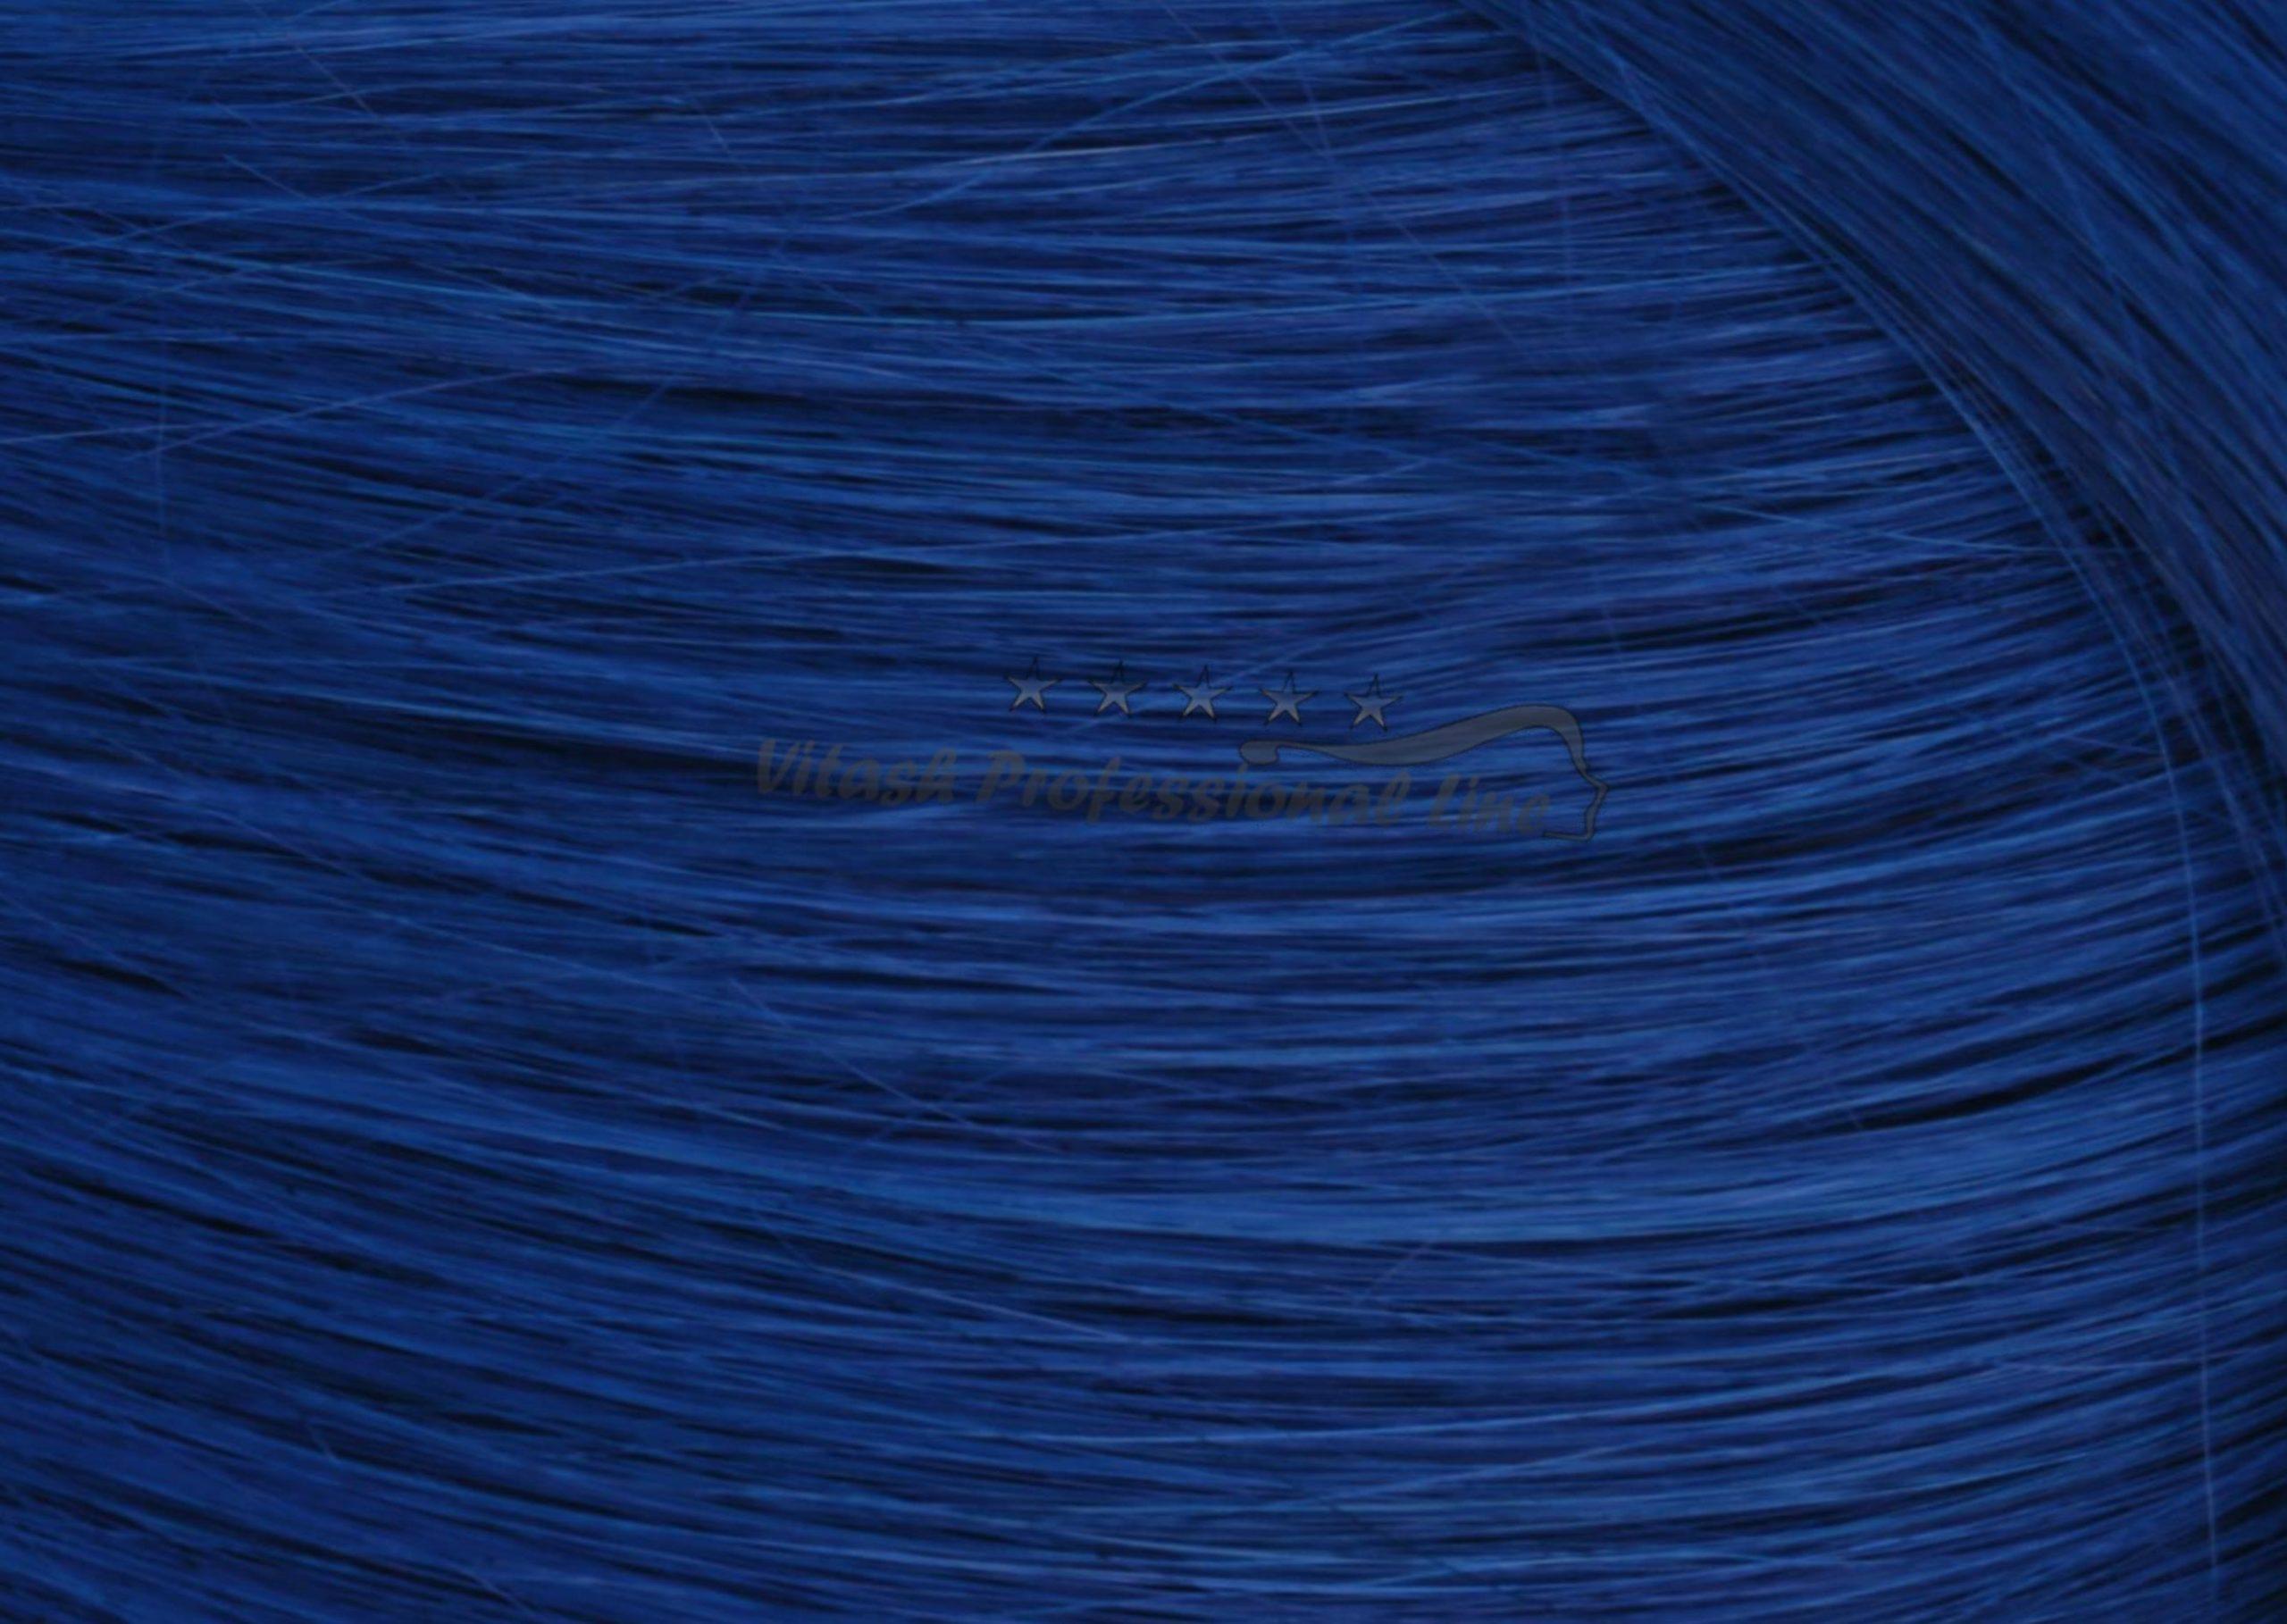 25 REMY indische Echthaar Strähnen - 0,8 Gramm pro Strähne # blau